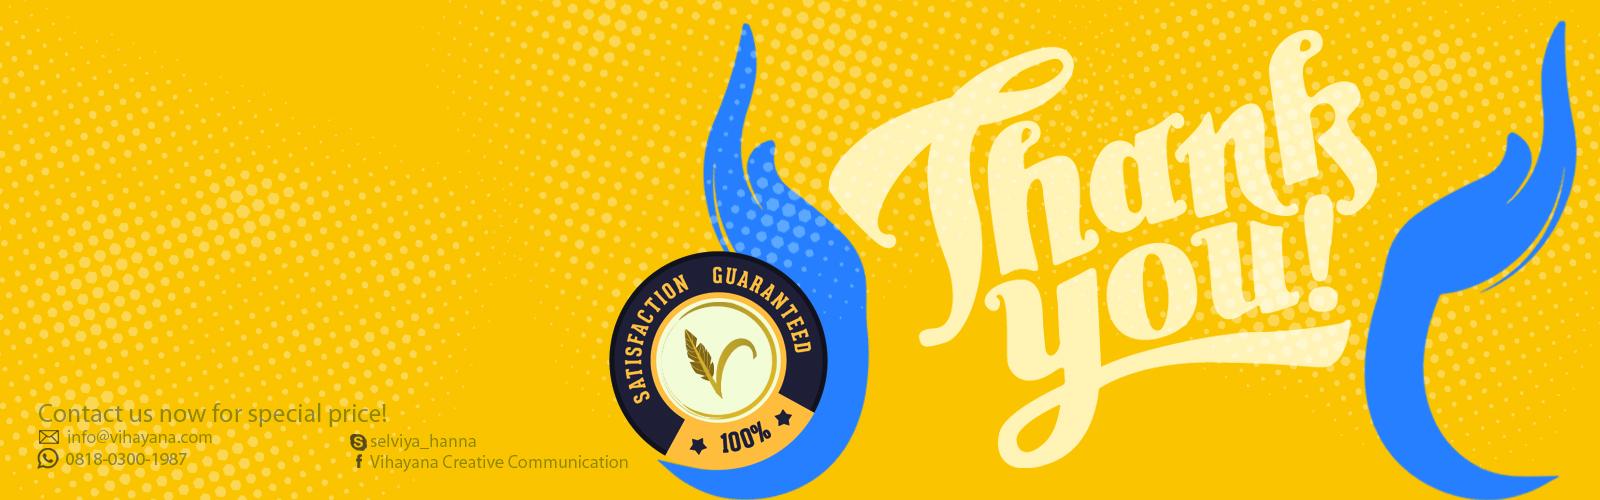 vihayana web banner#3